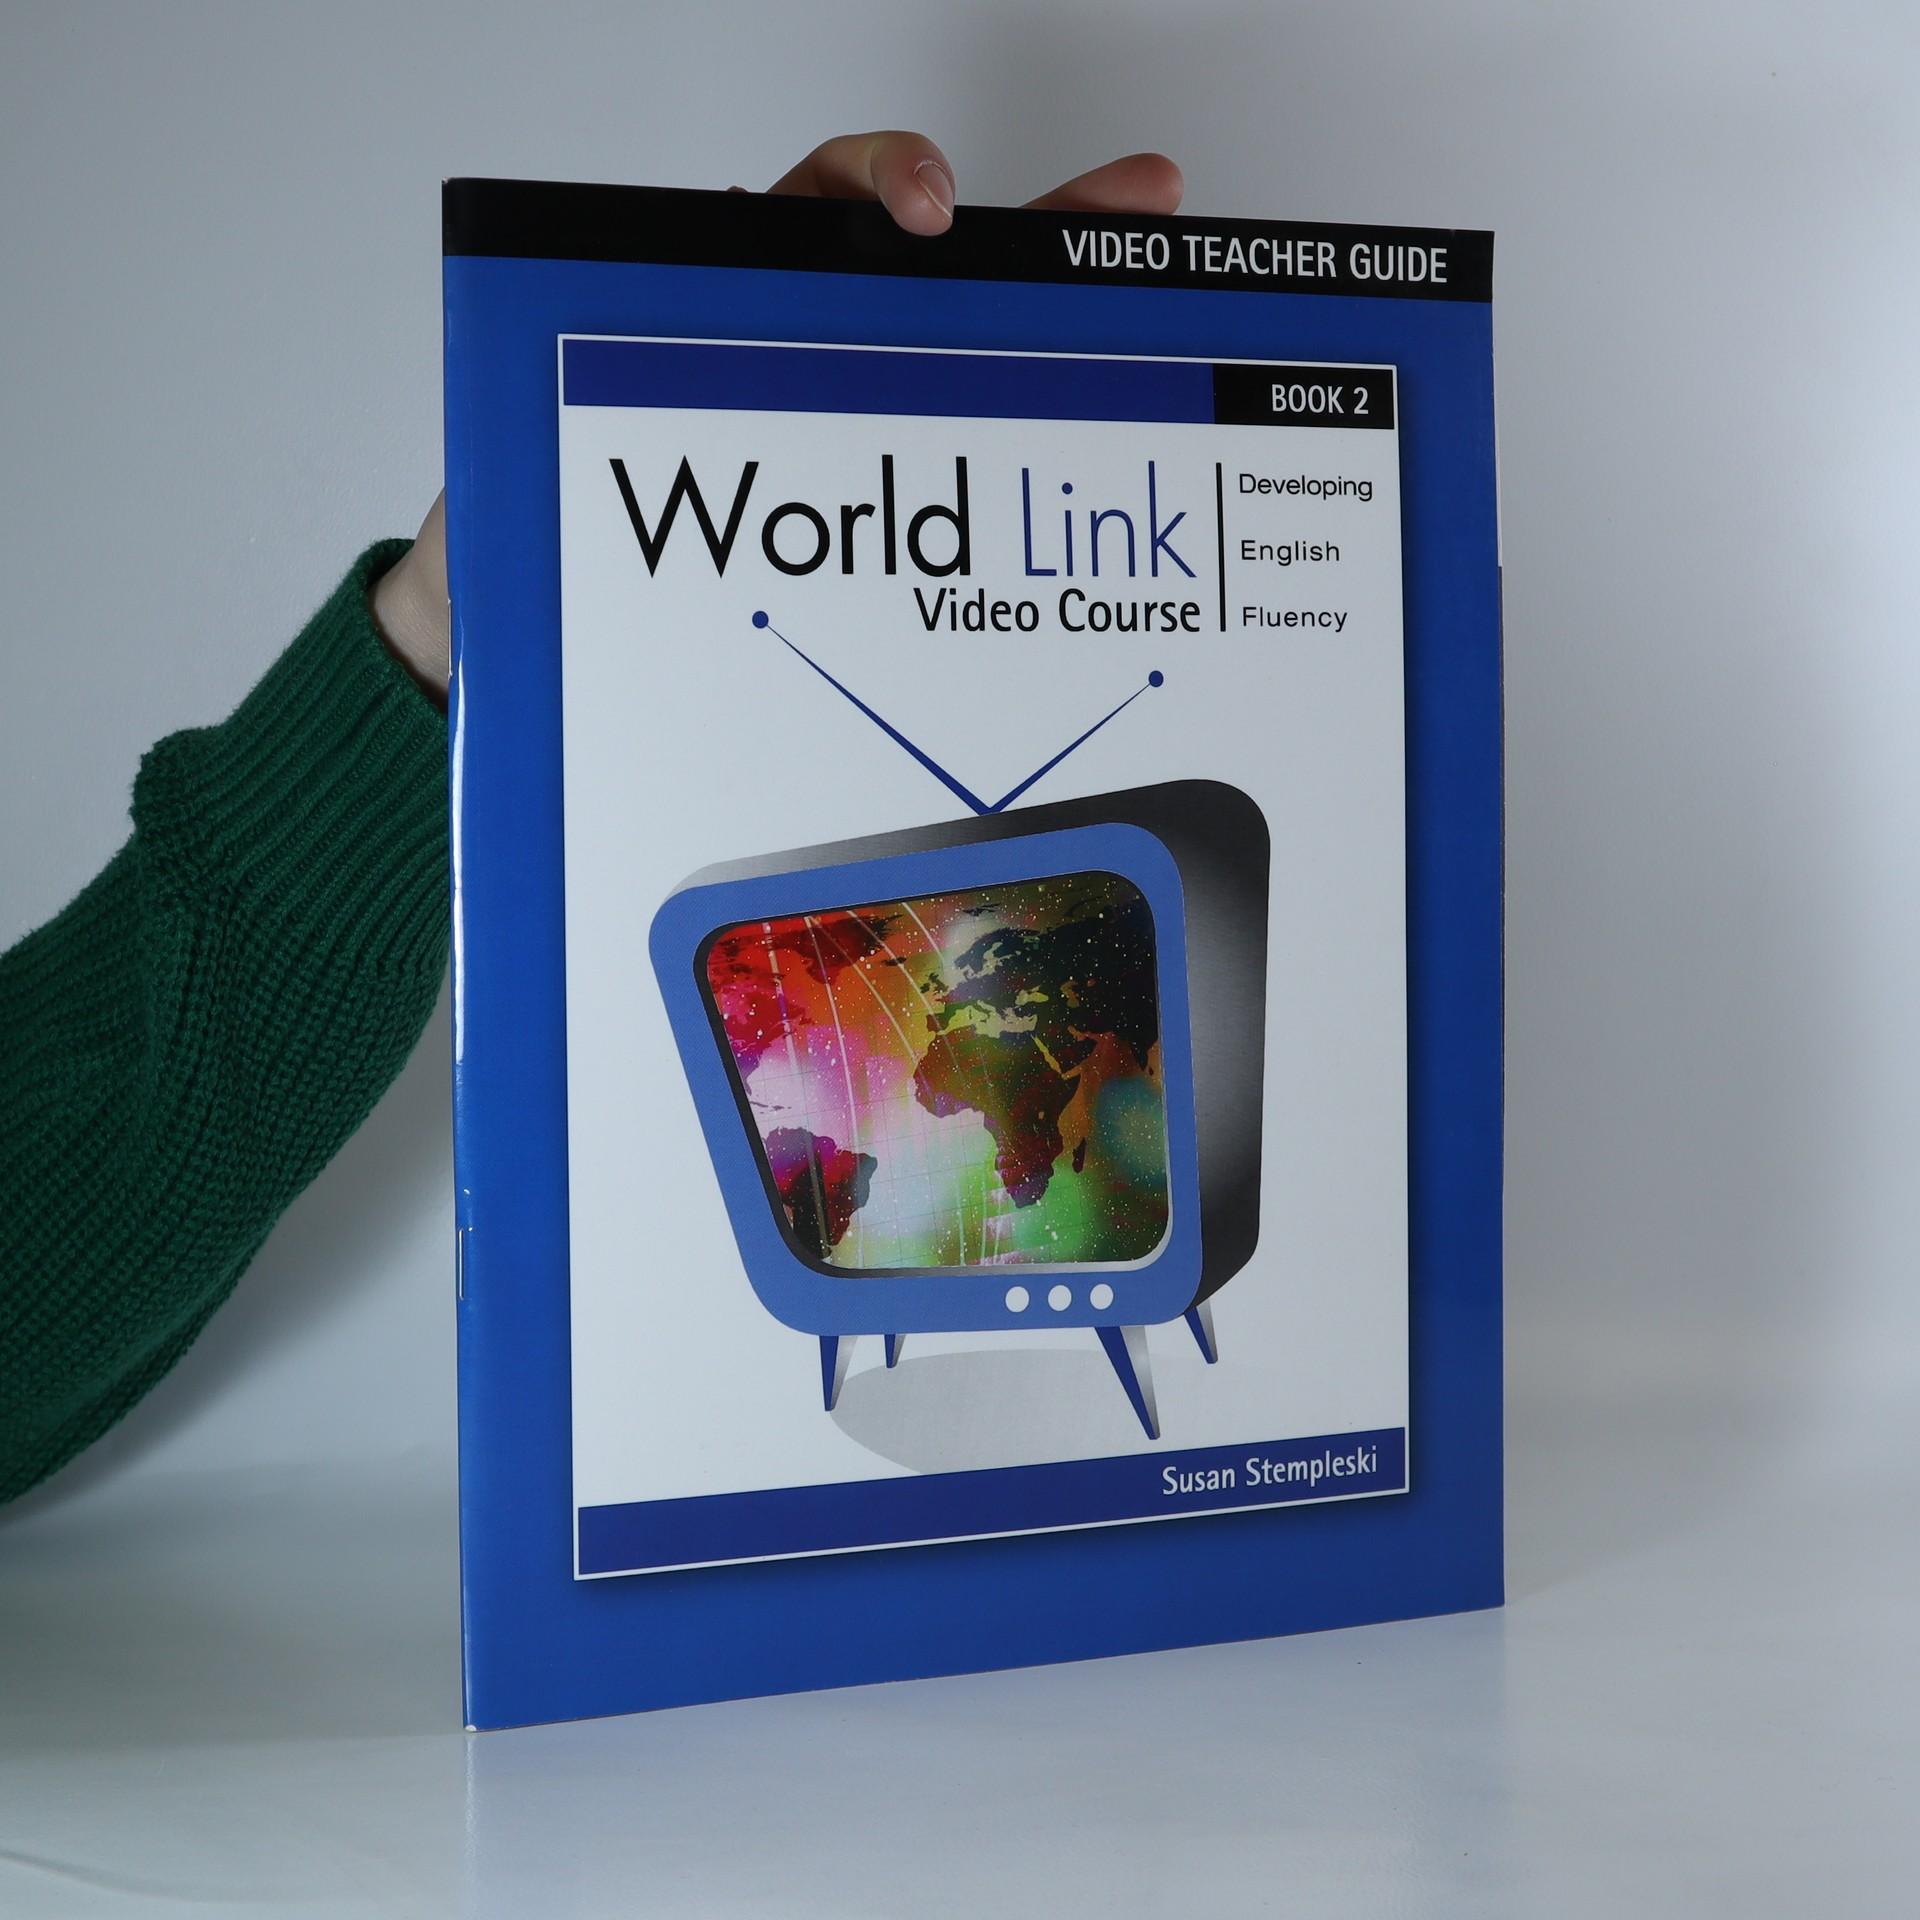 antikvární kniha World link video course. Book 2 (video teacher guide), 2006